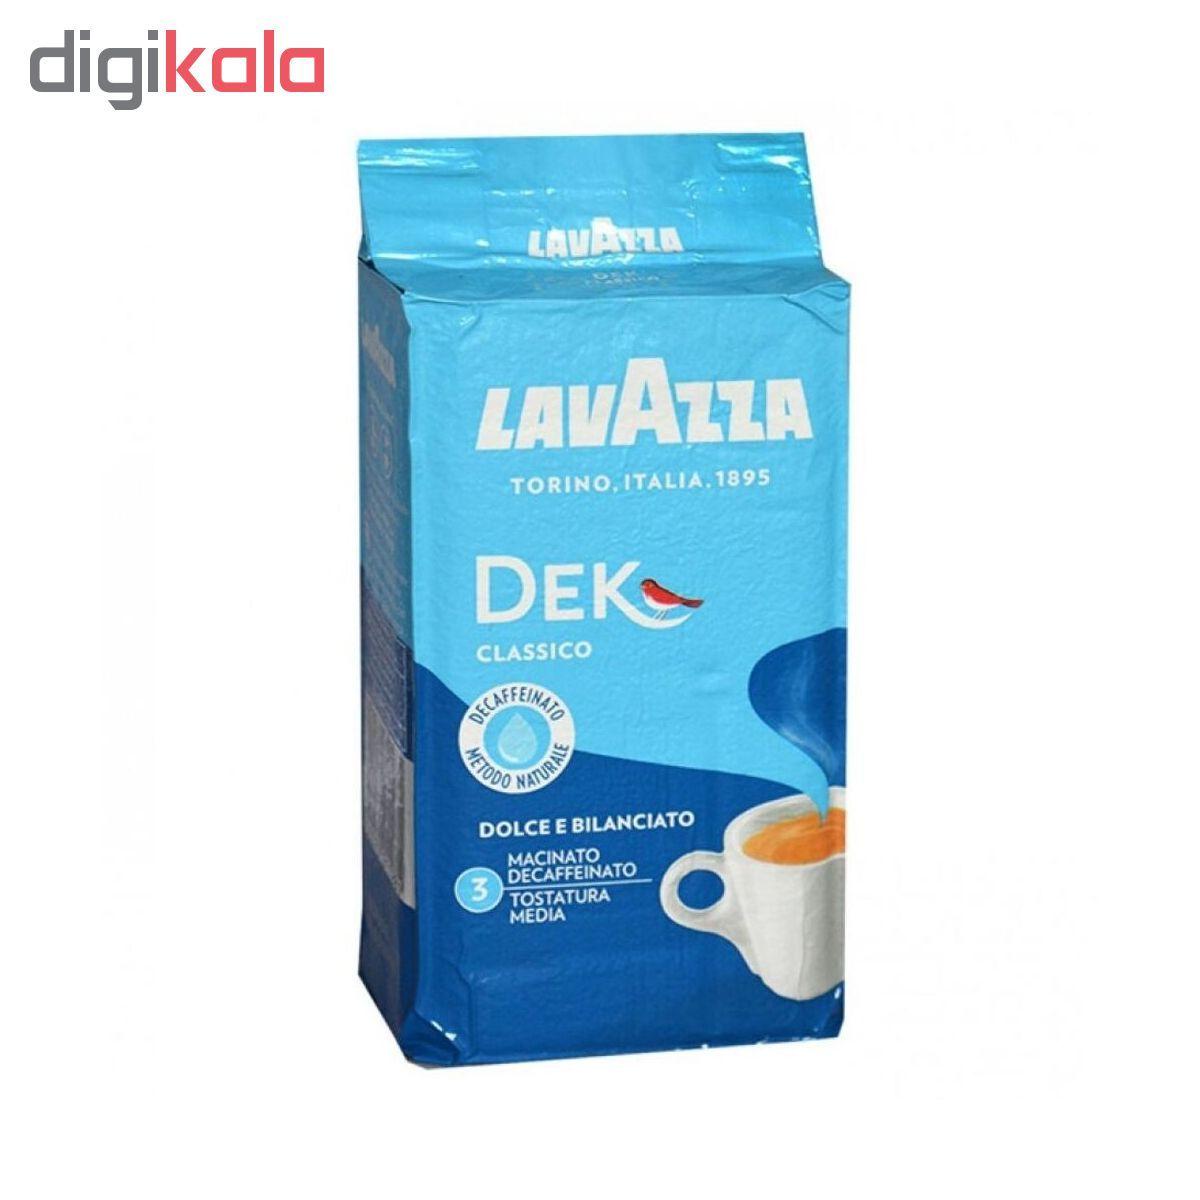 پودر قهوه لاواتزا مدل Dek Classico مقدار 250 گرم main 1 1